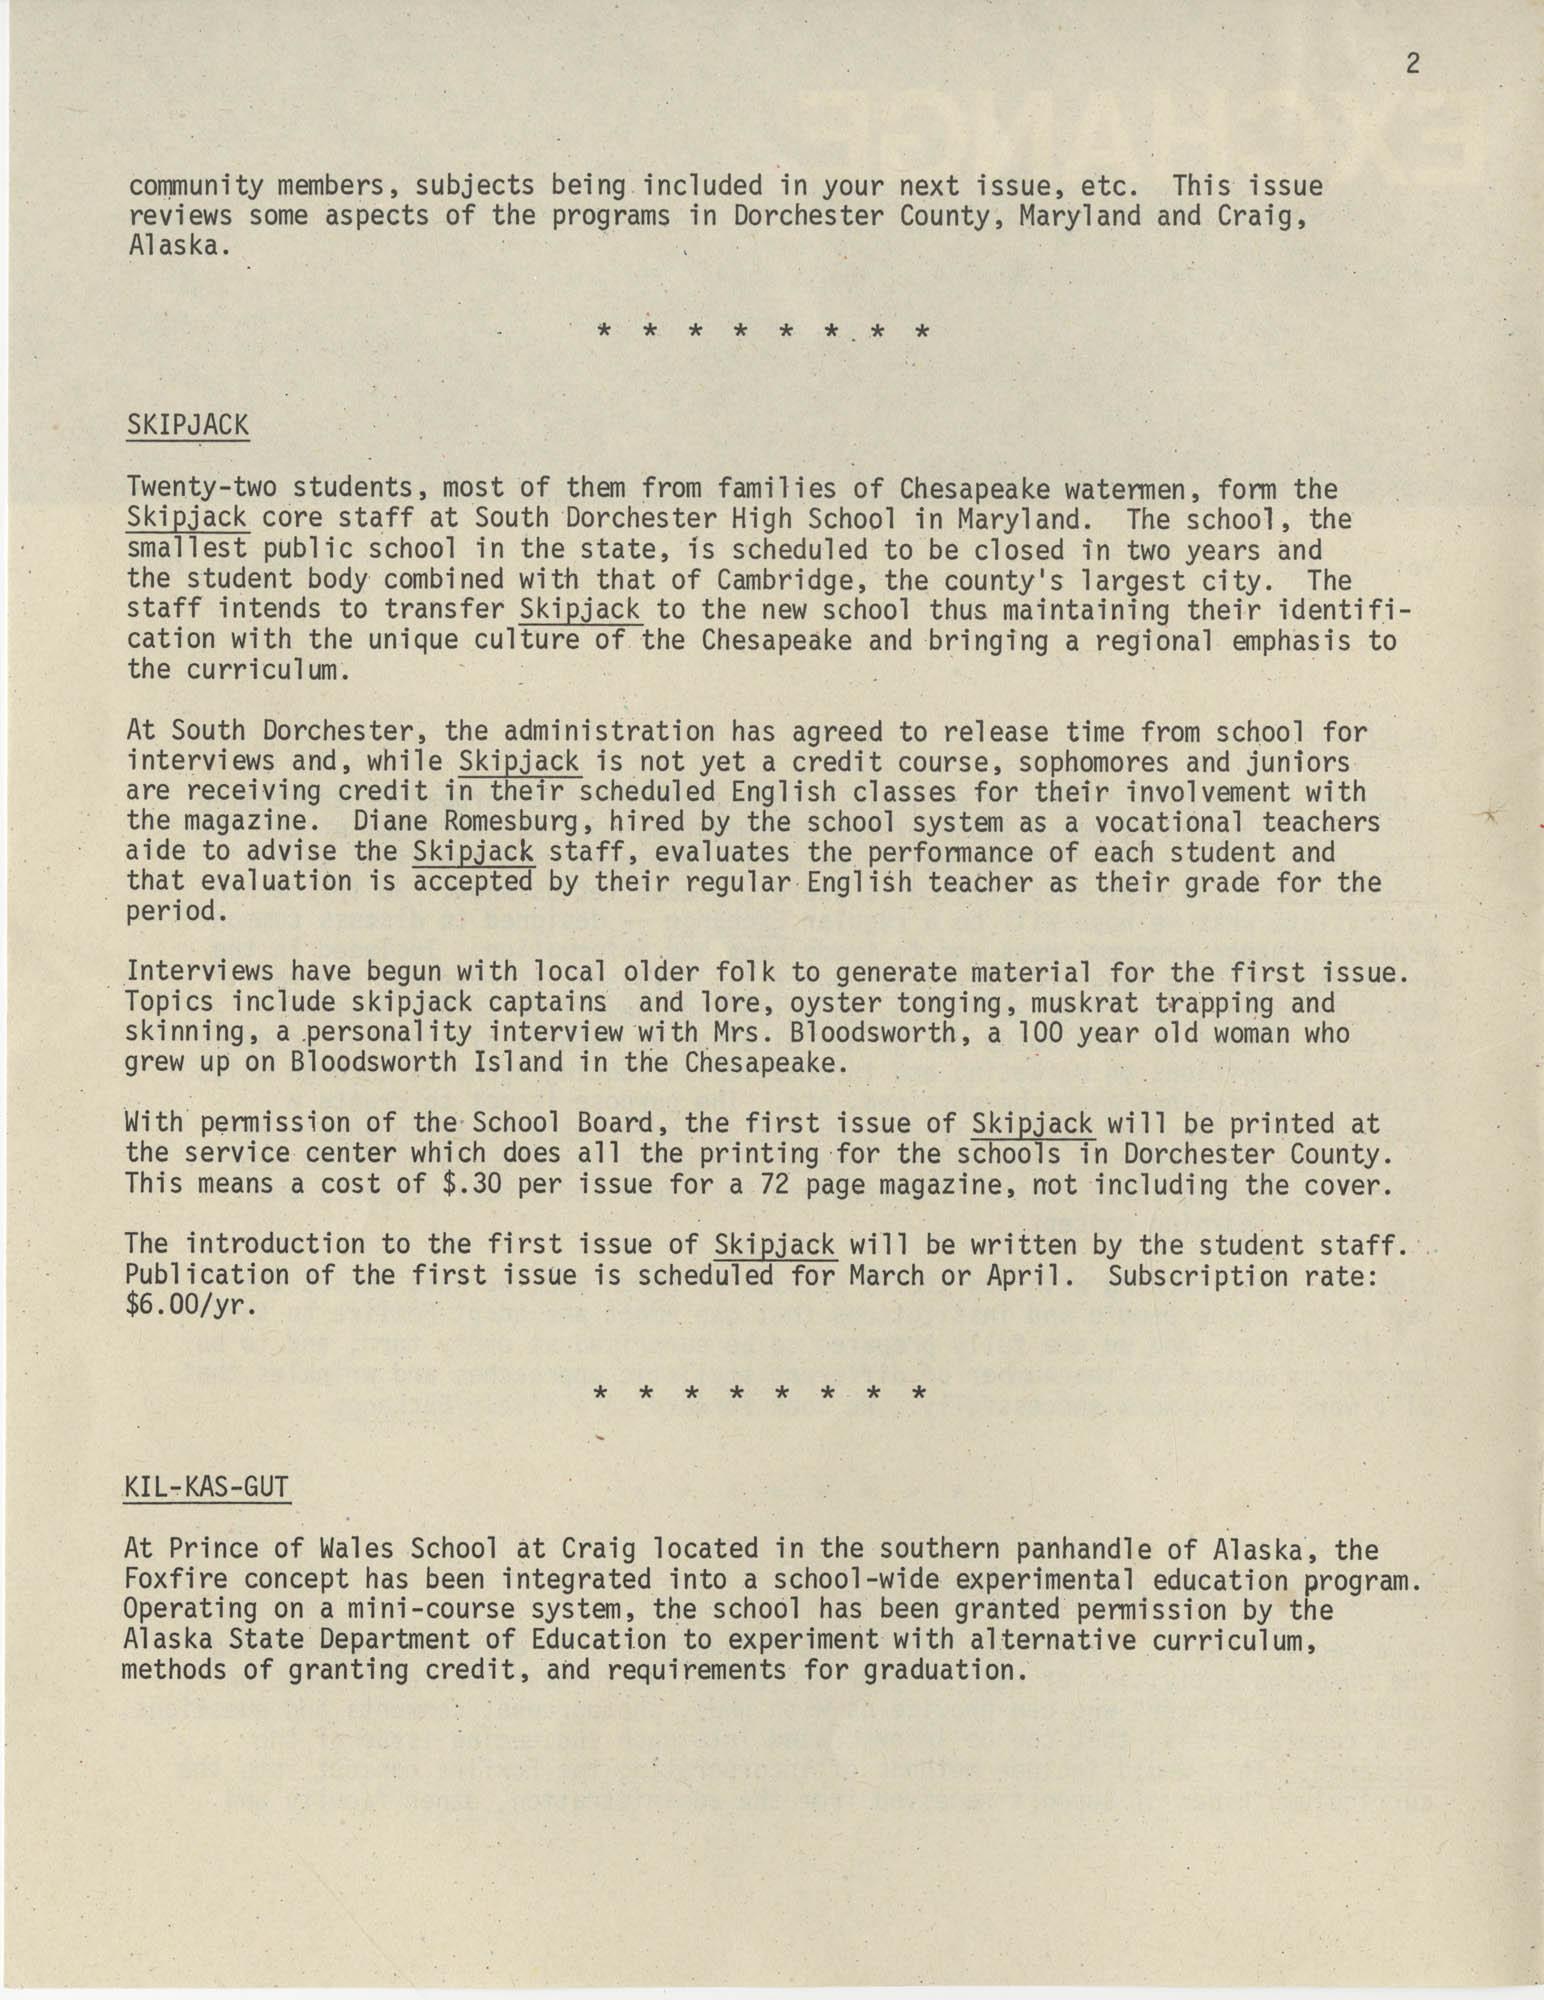 Exchange, Vol. 1, No. 1, Page 2